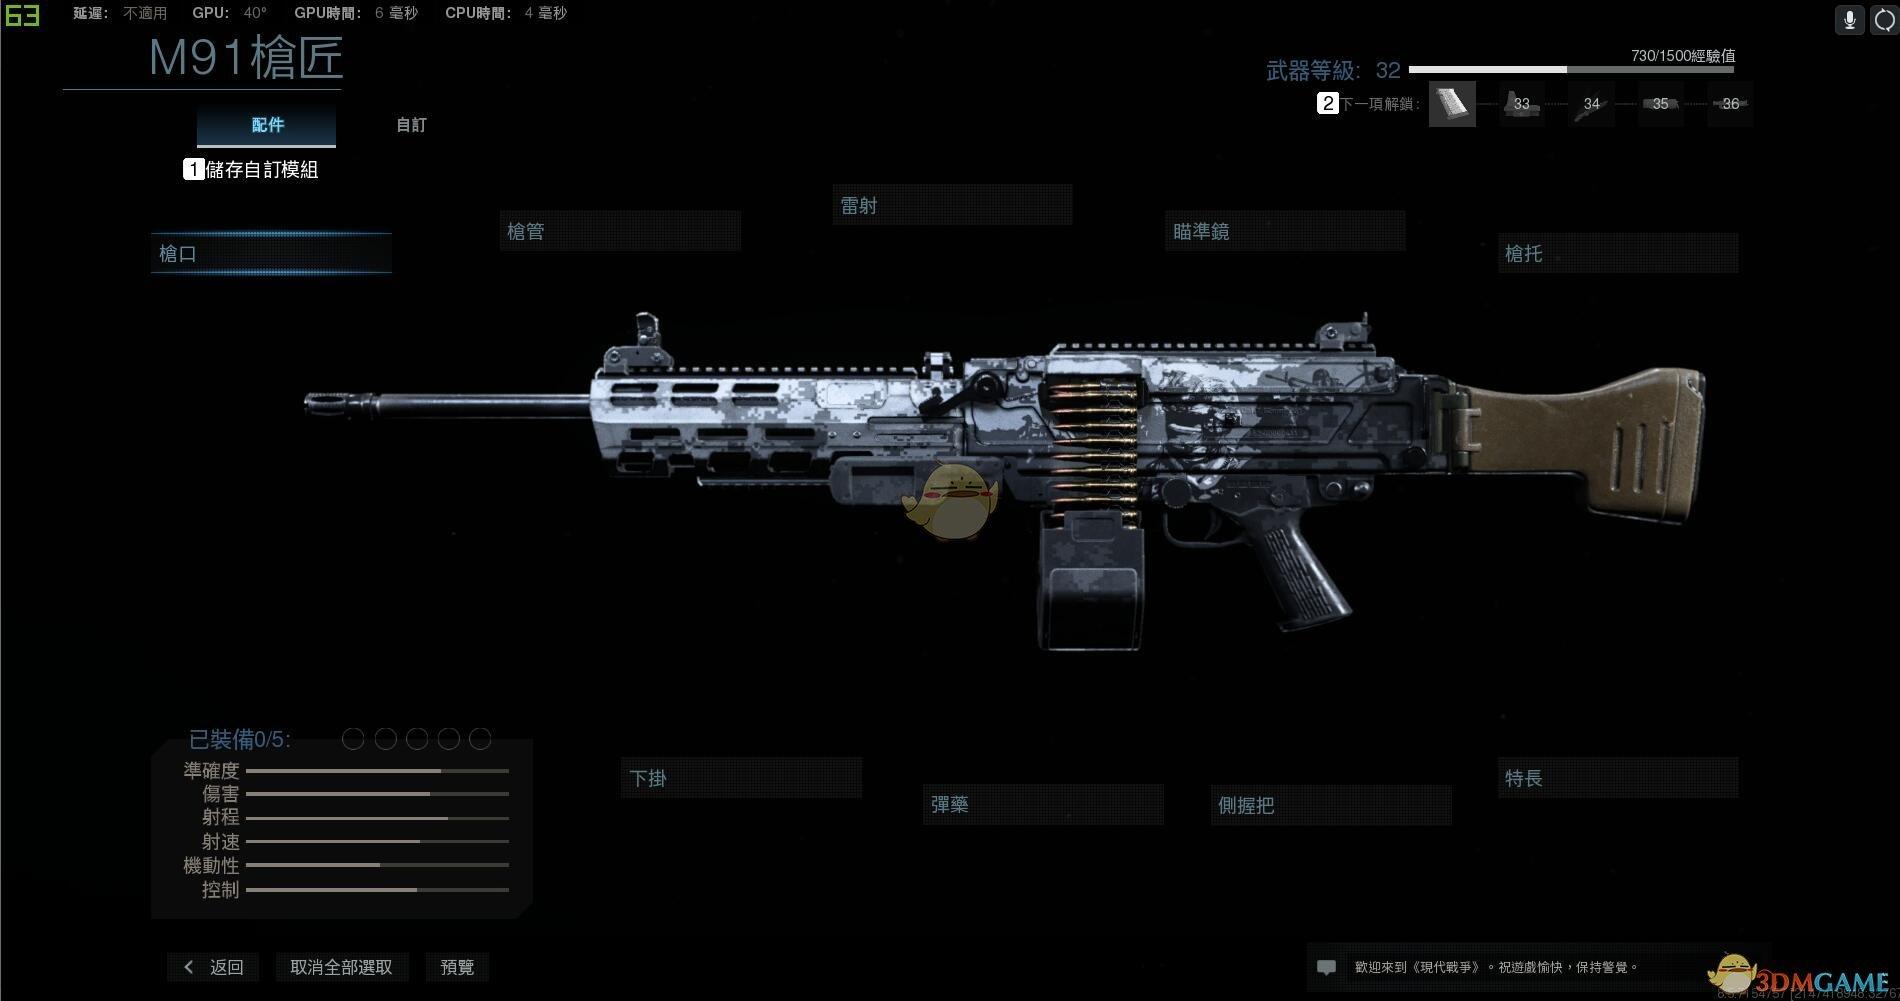 《使命召唤16:现代战争》M91-旧伤武器盘点